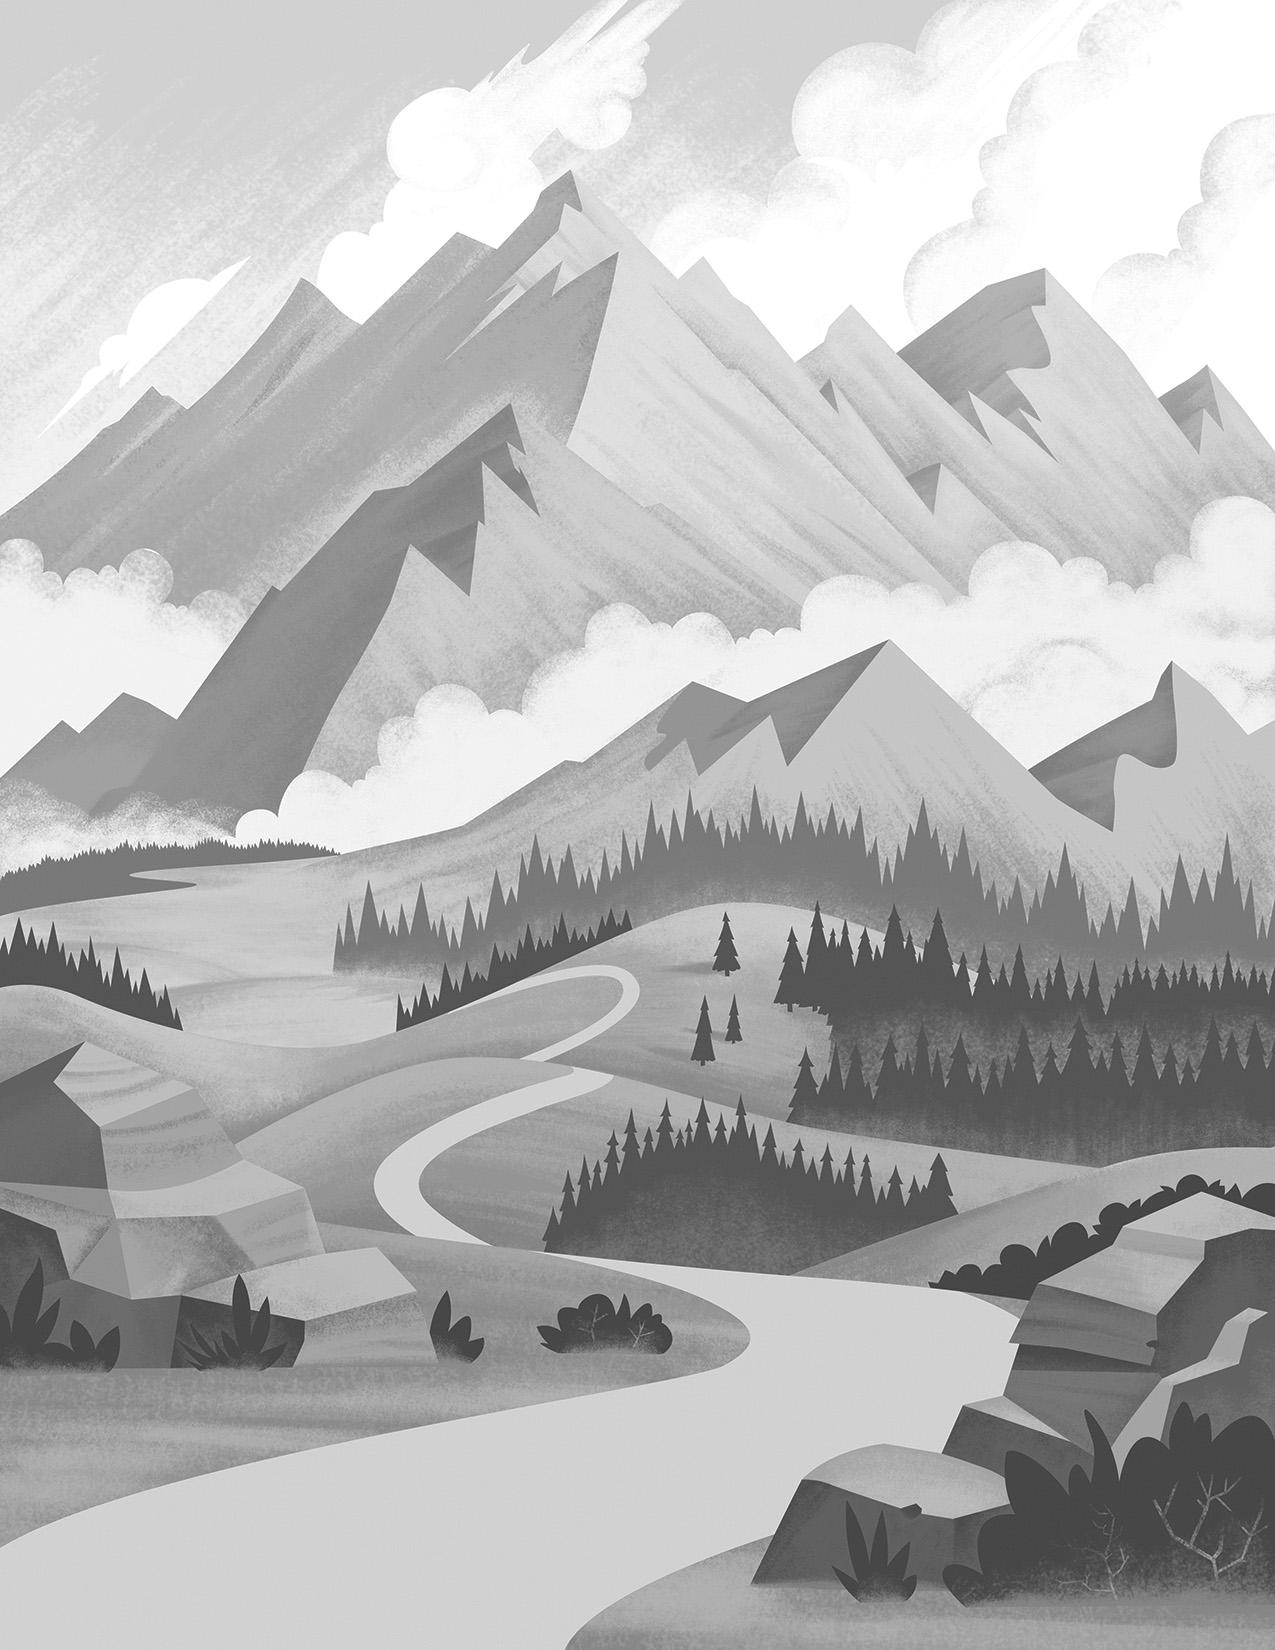 Landscape Illustration_WEB.jpg